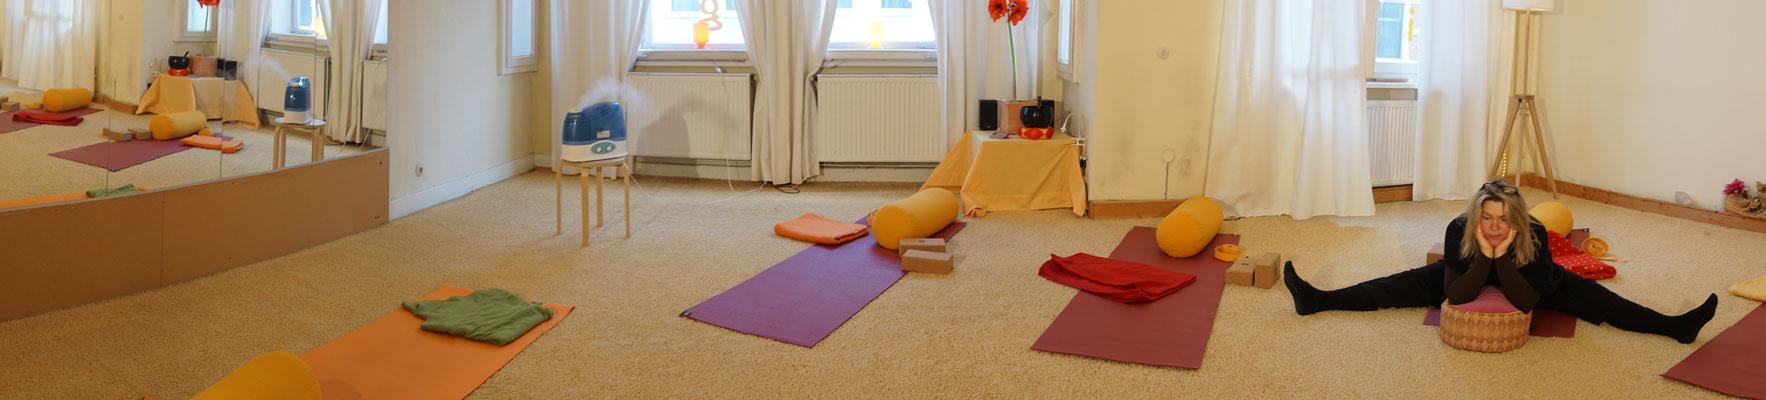 Yoga im Centrum für Tai Chi, Qi Gong, Yoga und Körperarbeit